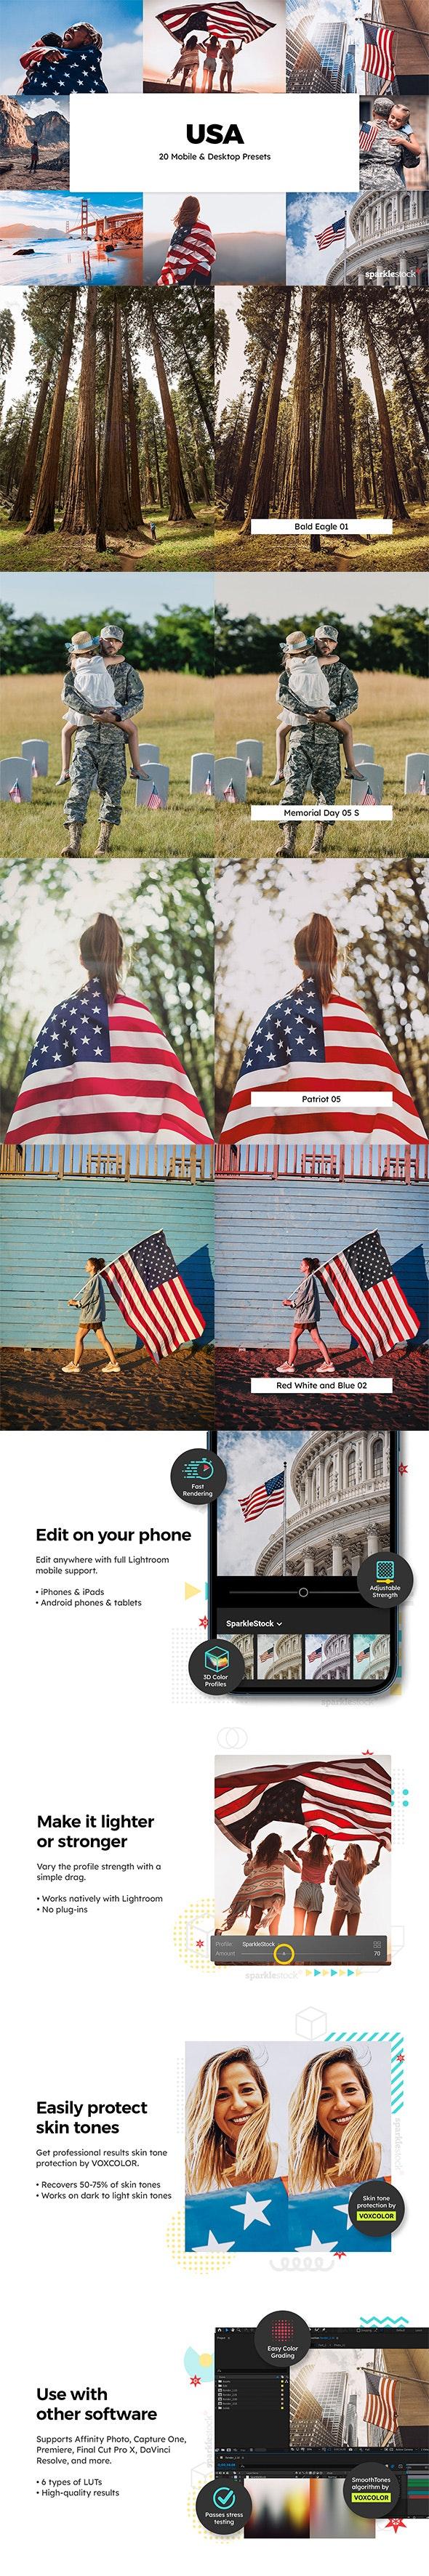 20 USA Lightroom Presets & LUTs - Lightroom Presets Add-ons